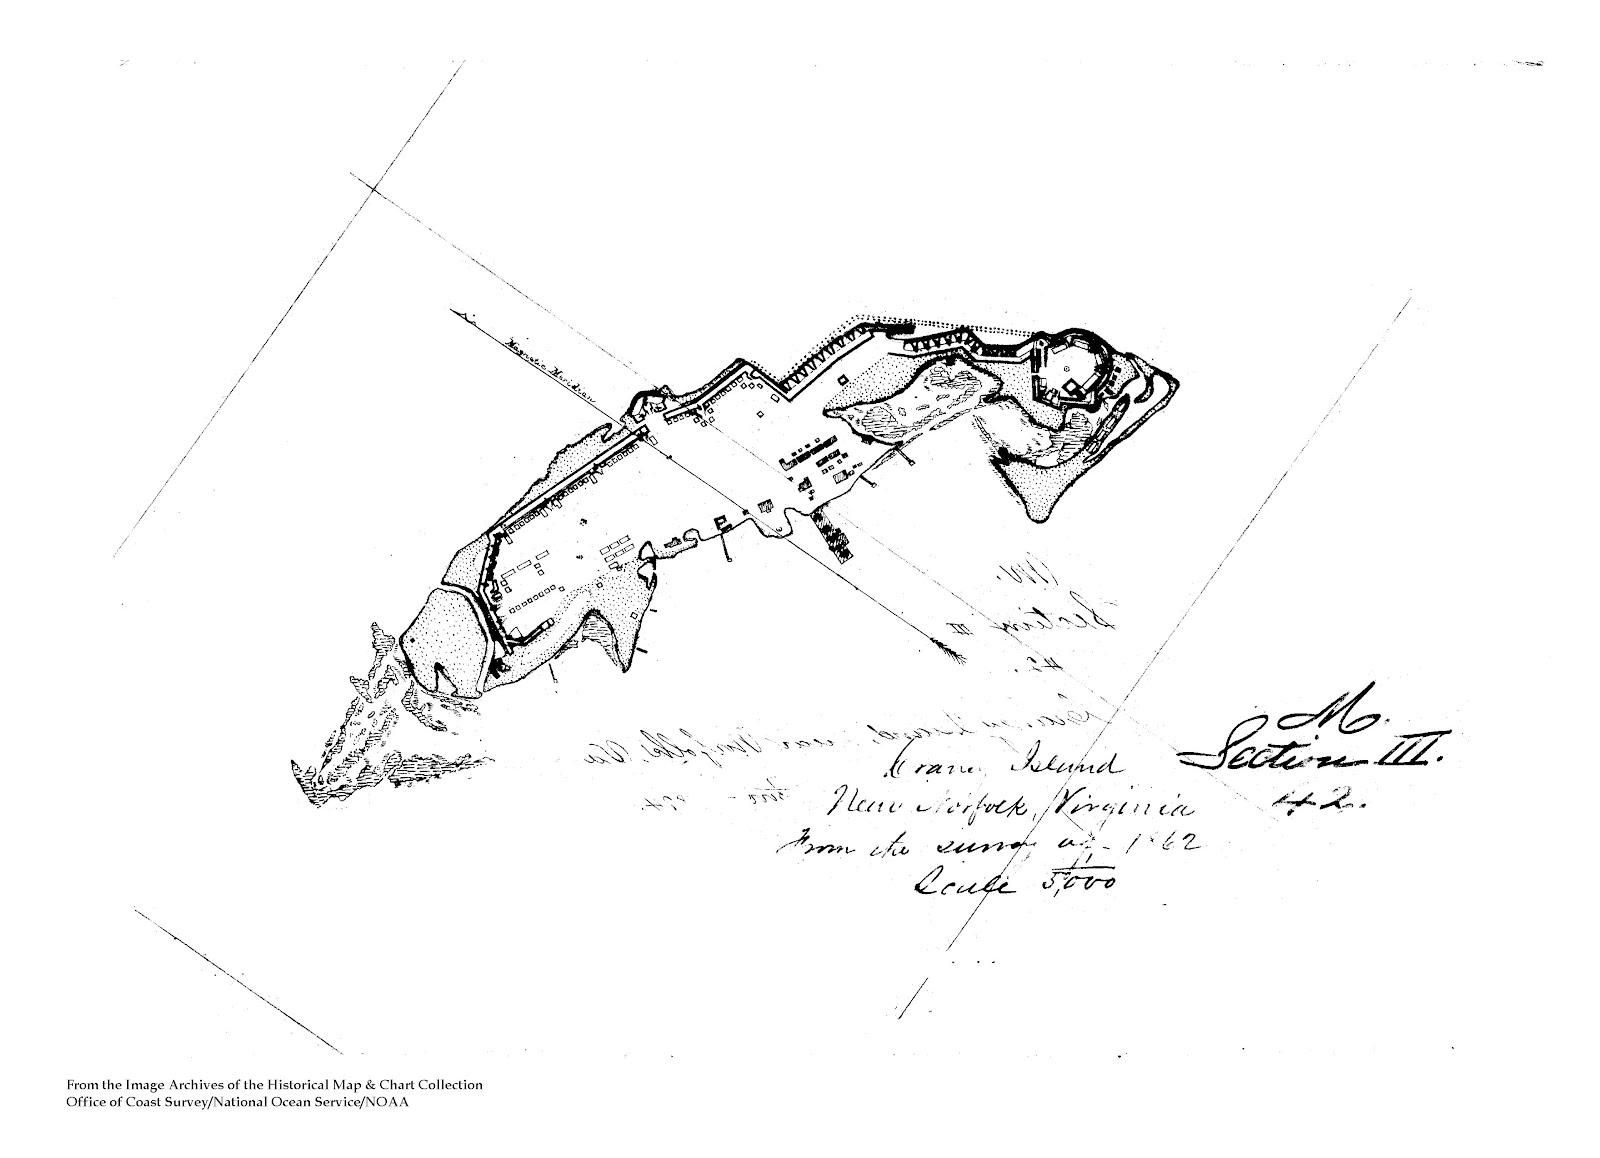 Civil War Navy Sesquicentennial Civil War Coast Survey